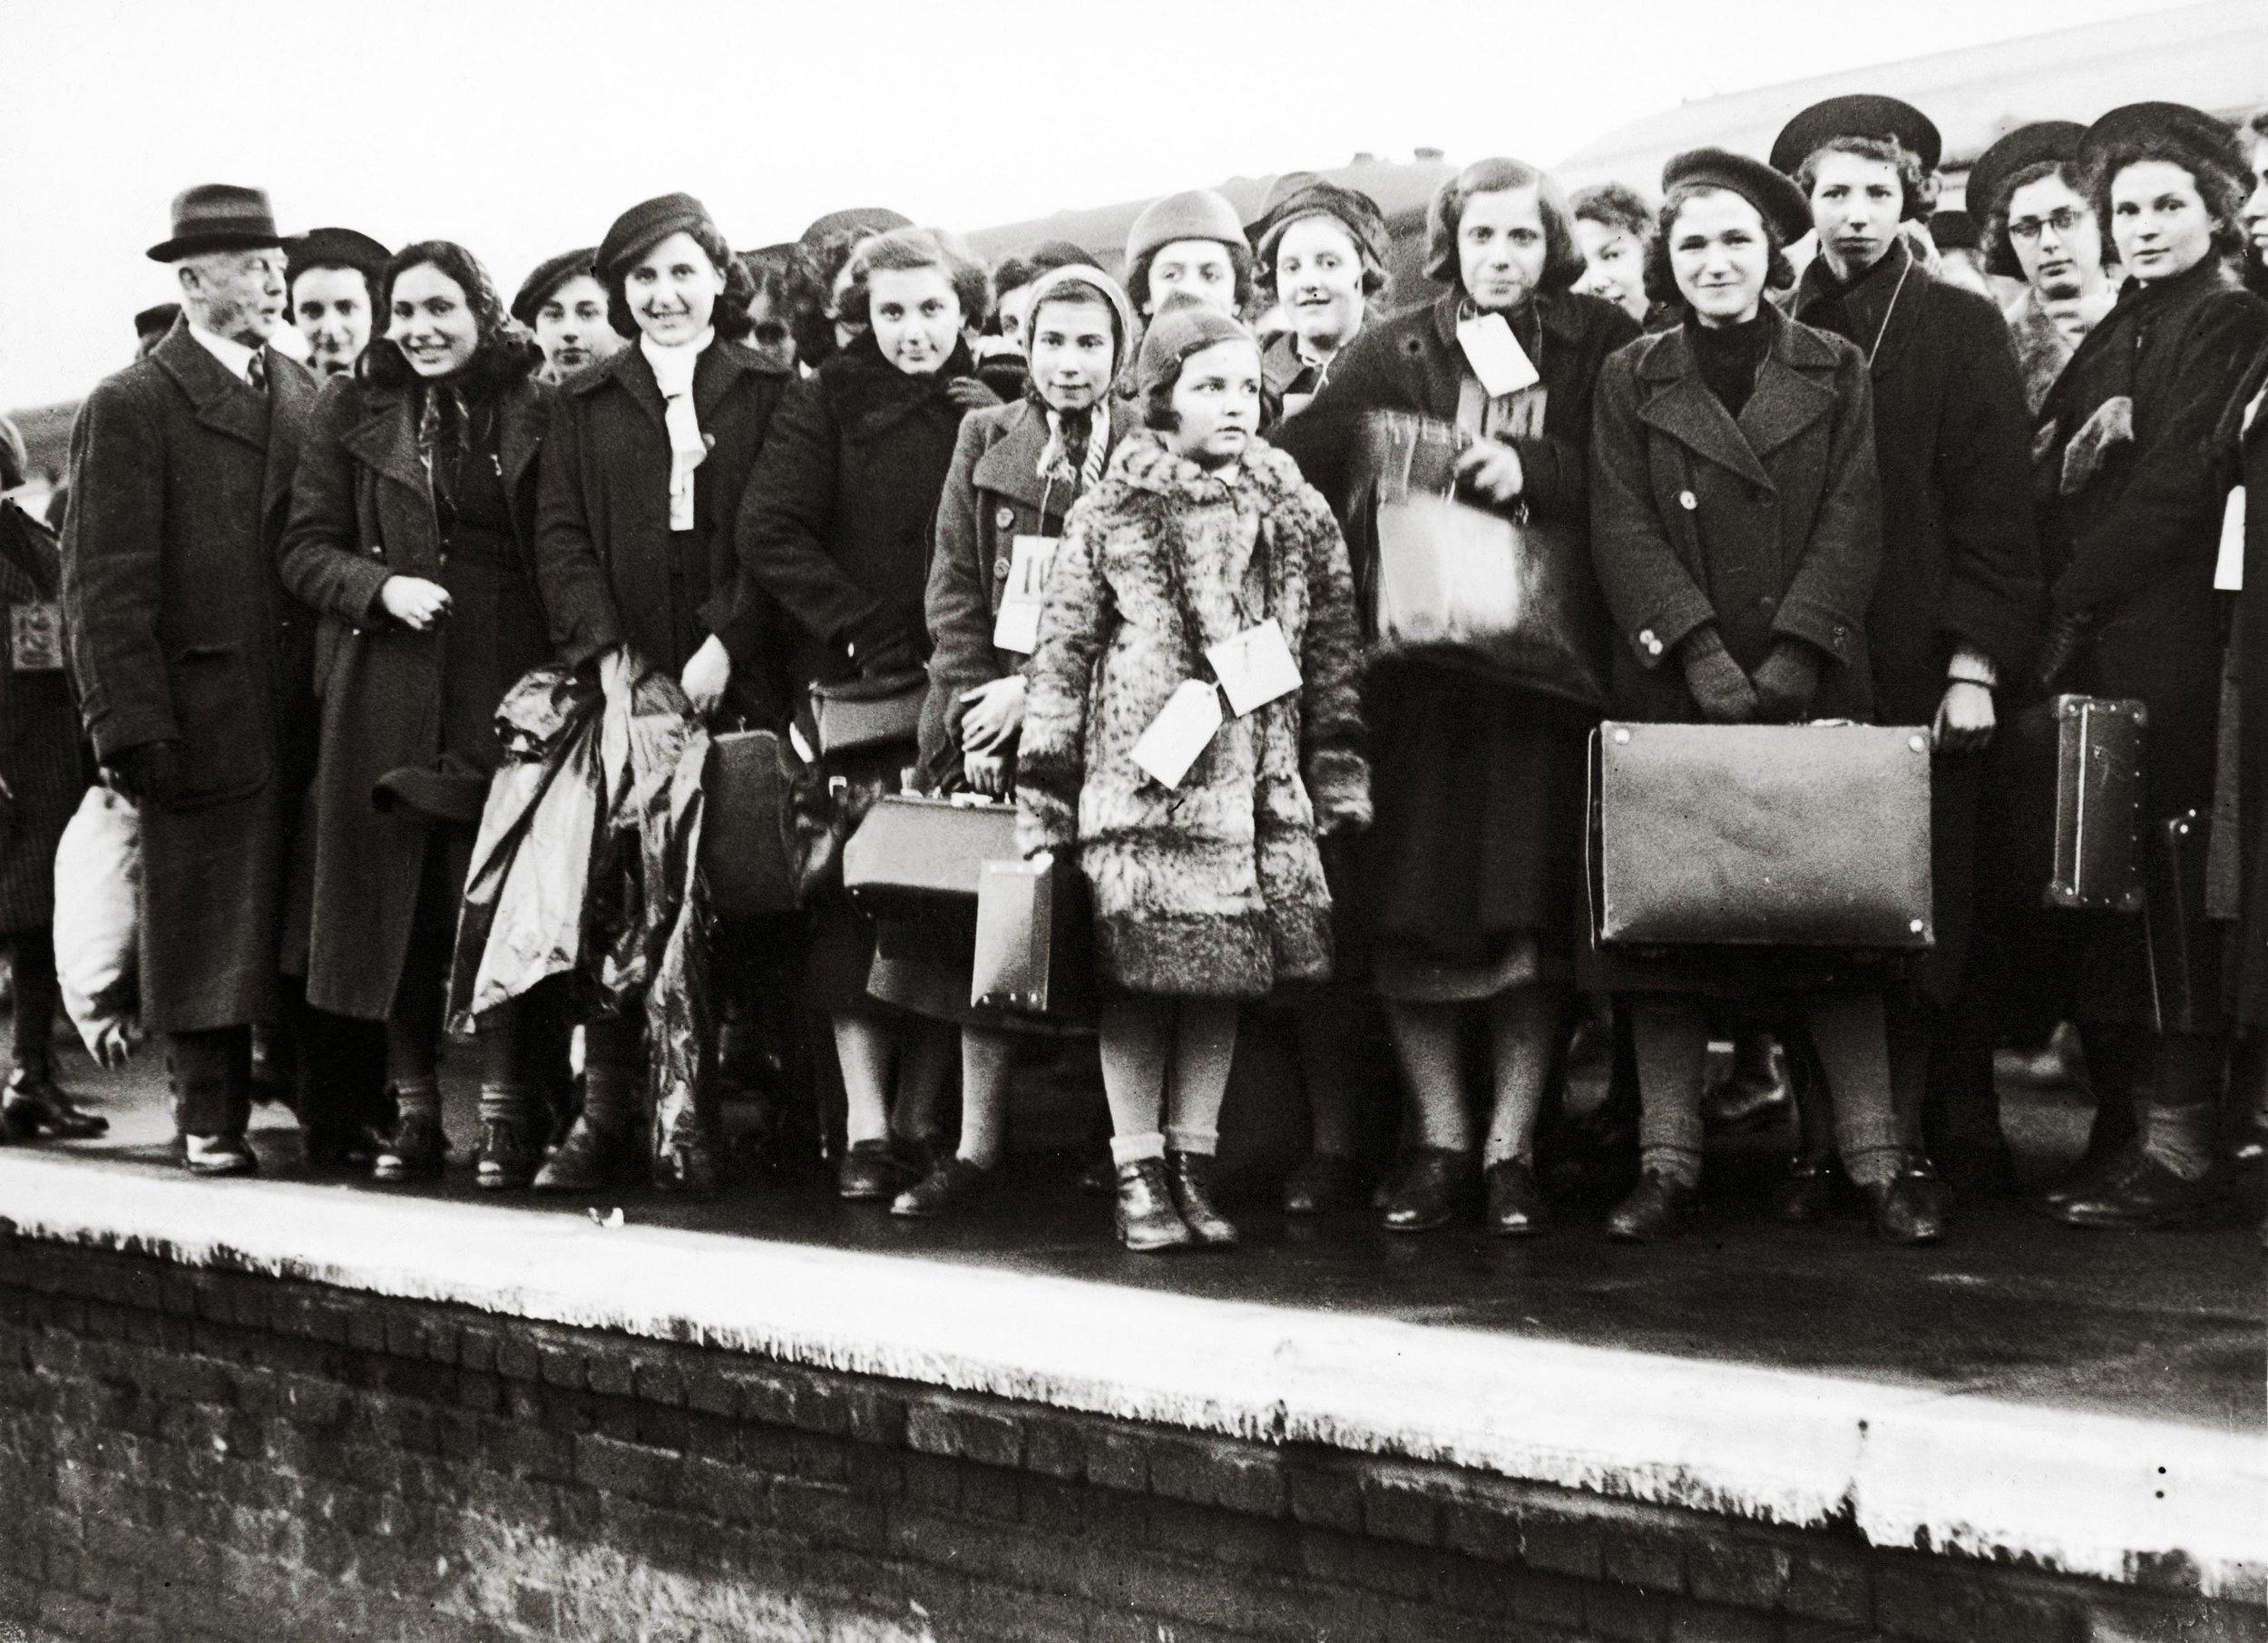 jewish-refugee-children-1938.jpg